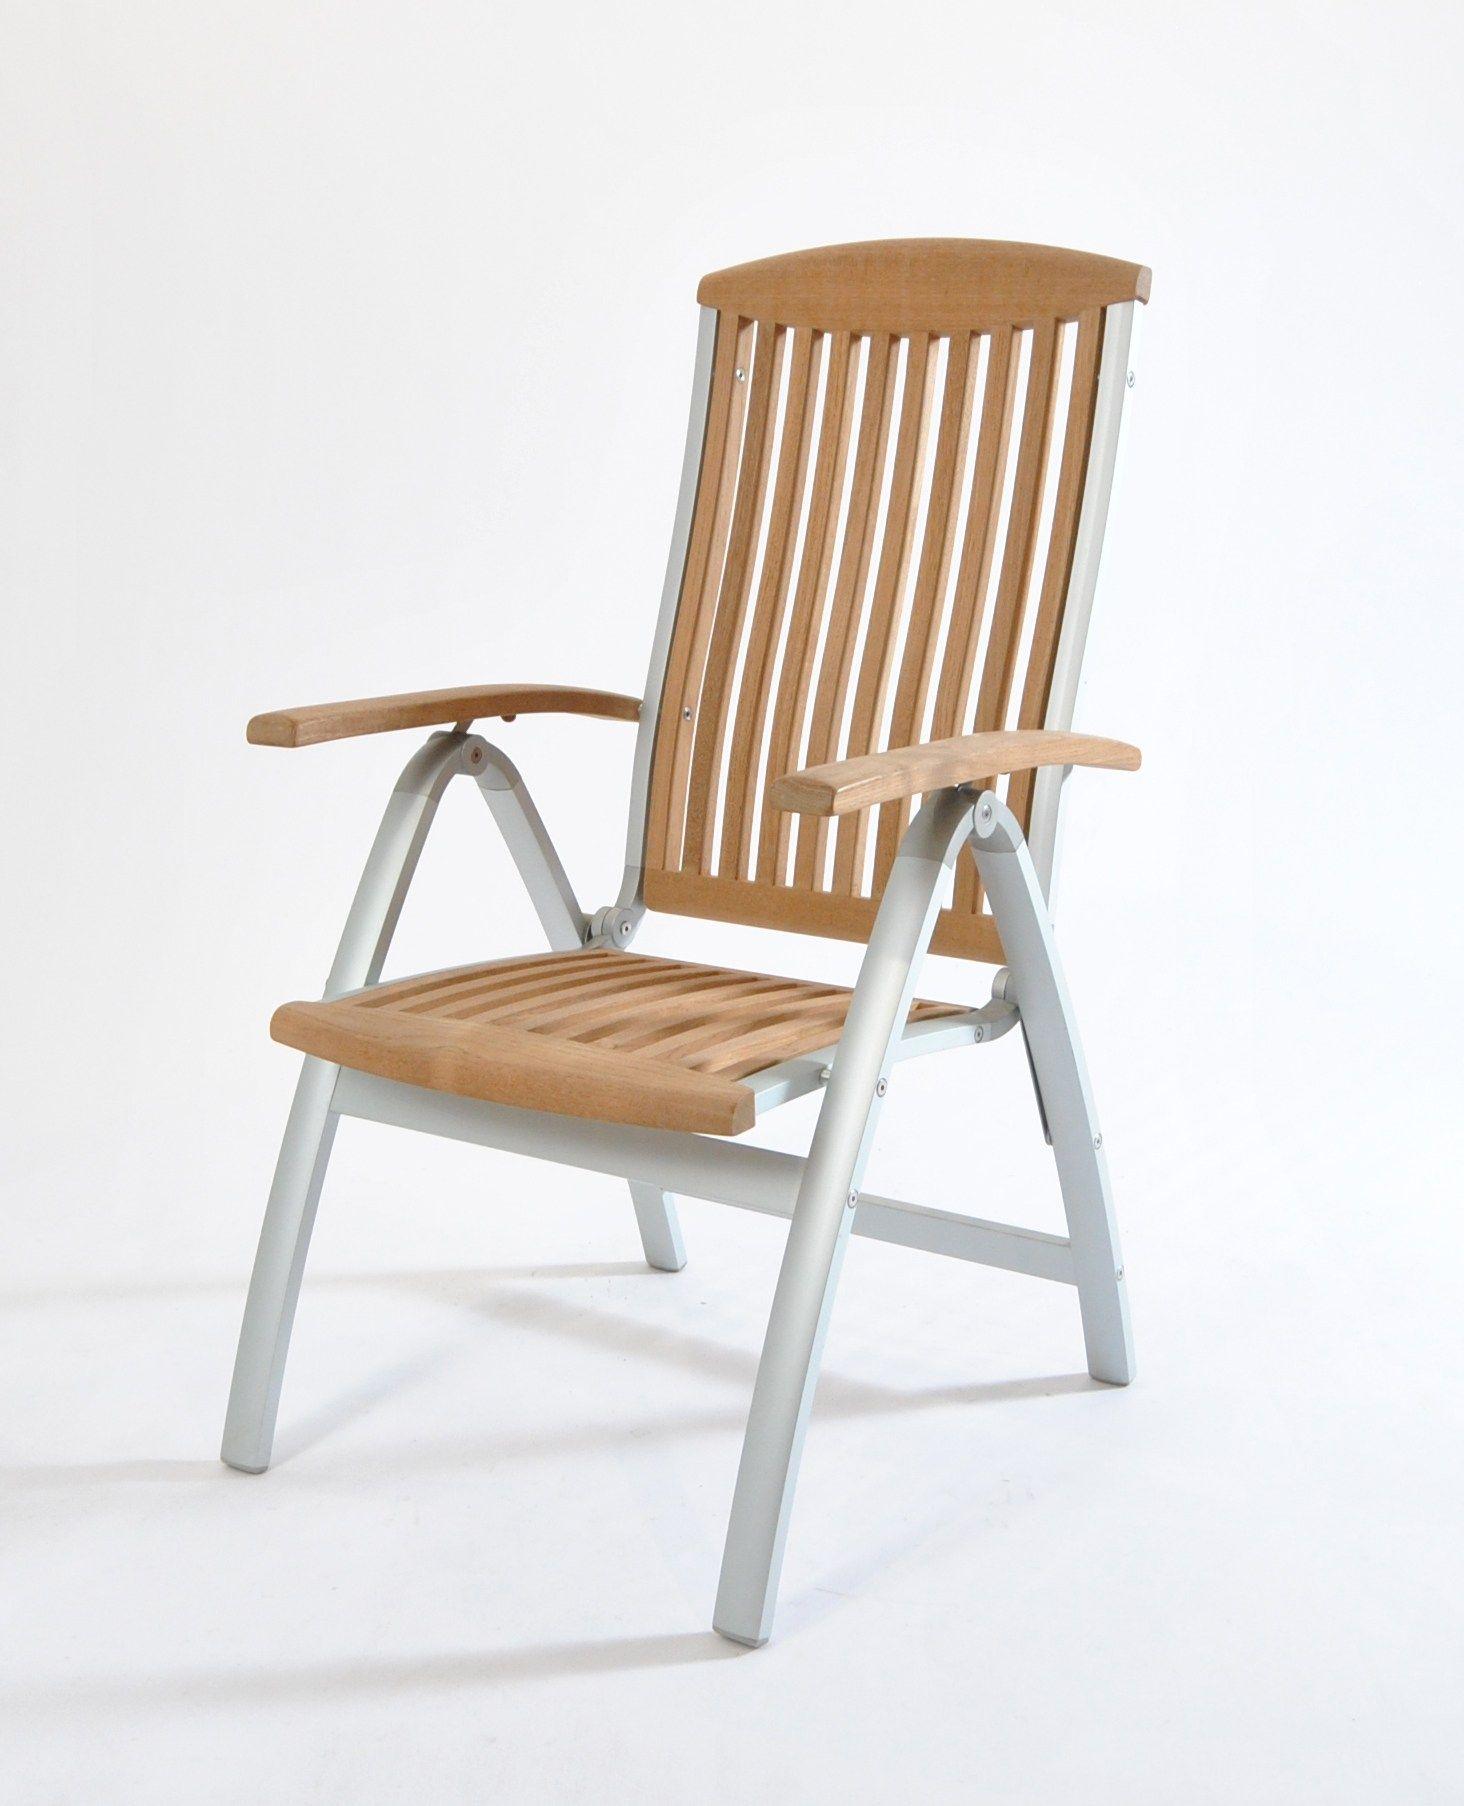 Centro deck chair by fischer m bel design karl leo heitlinger for Mobel fischer